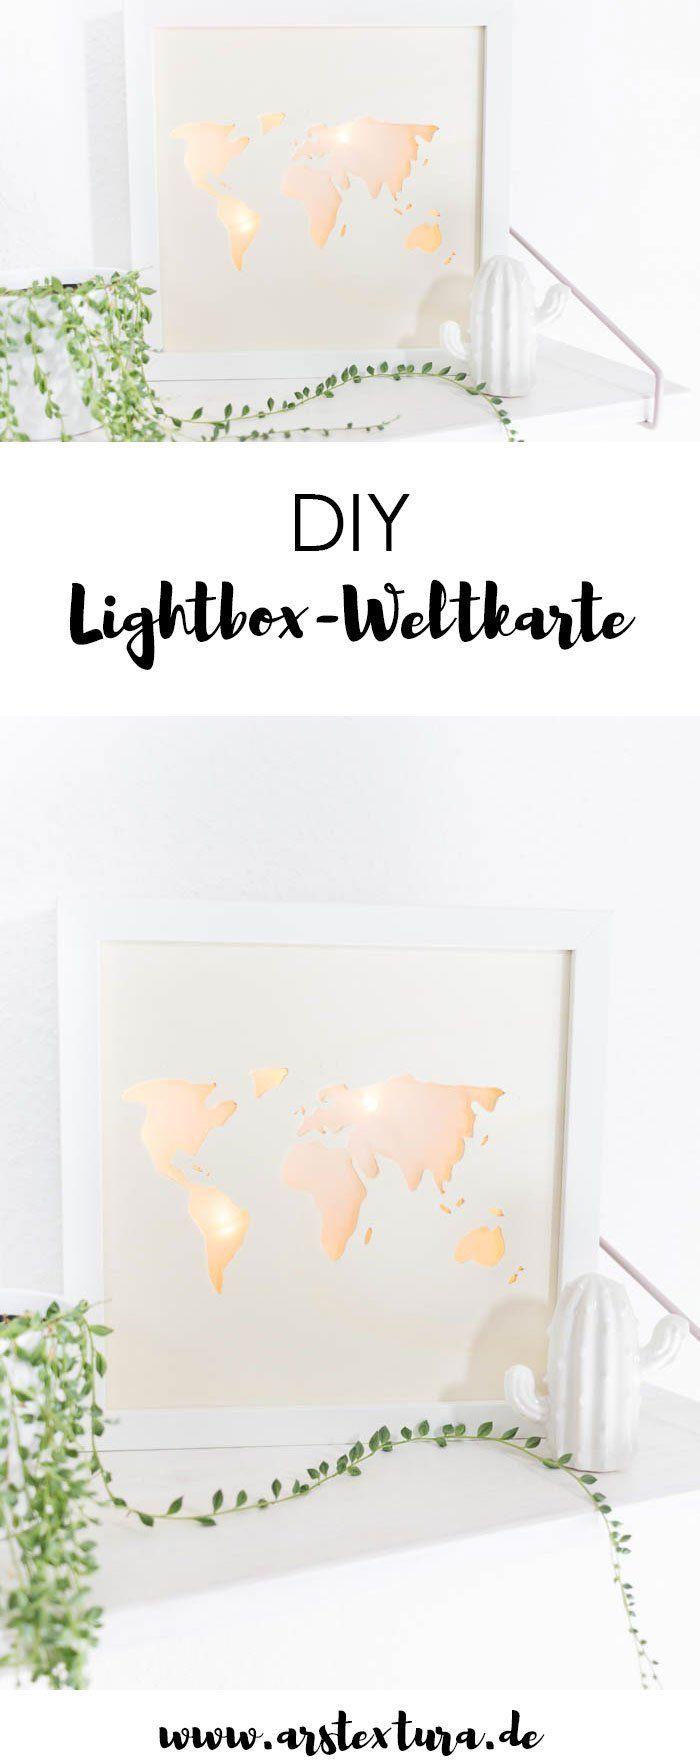 Beleuchtete weltkarte diy lightbox basteln share a part of your heart - Lightbox weihnachten ...